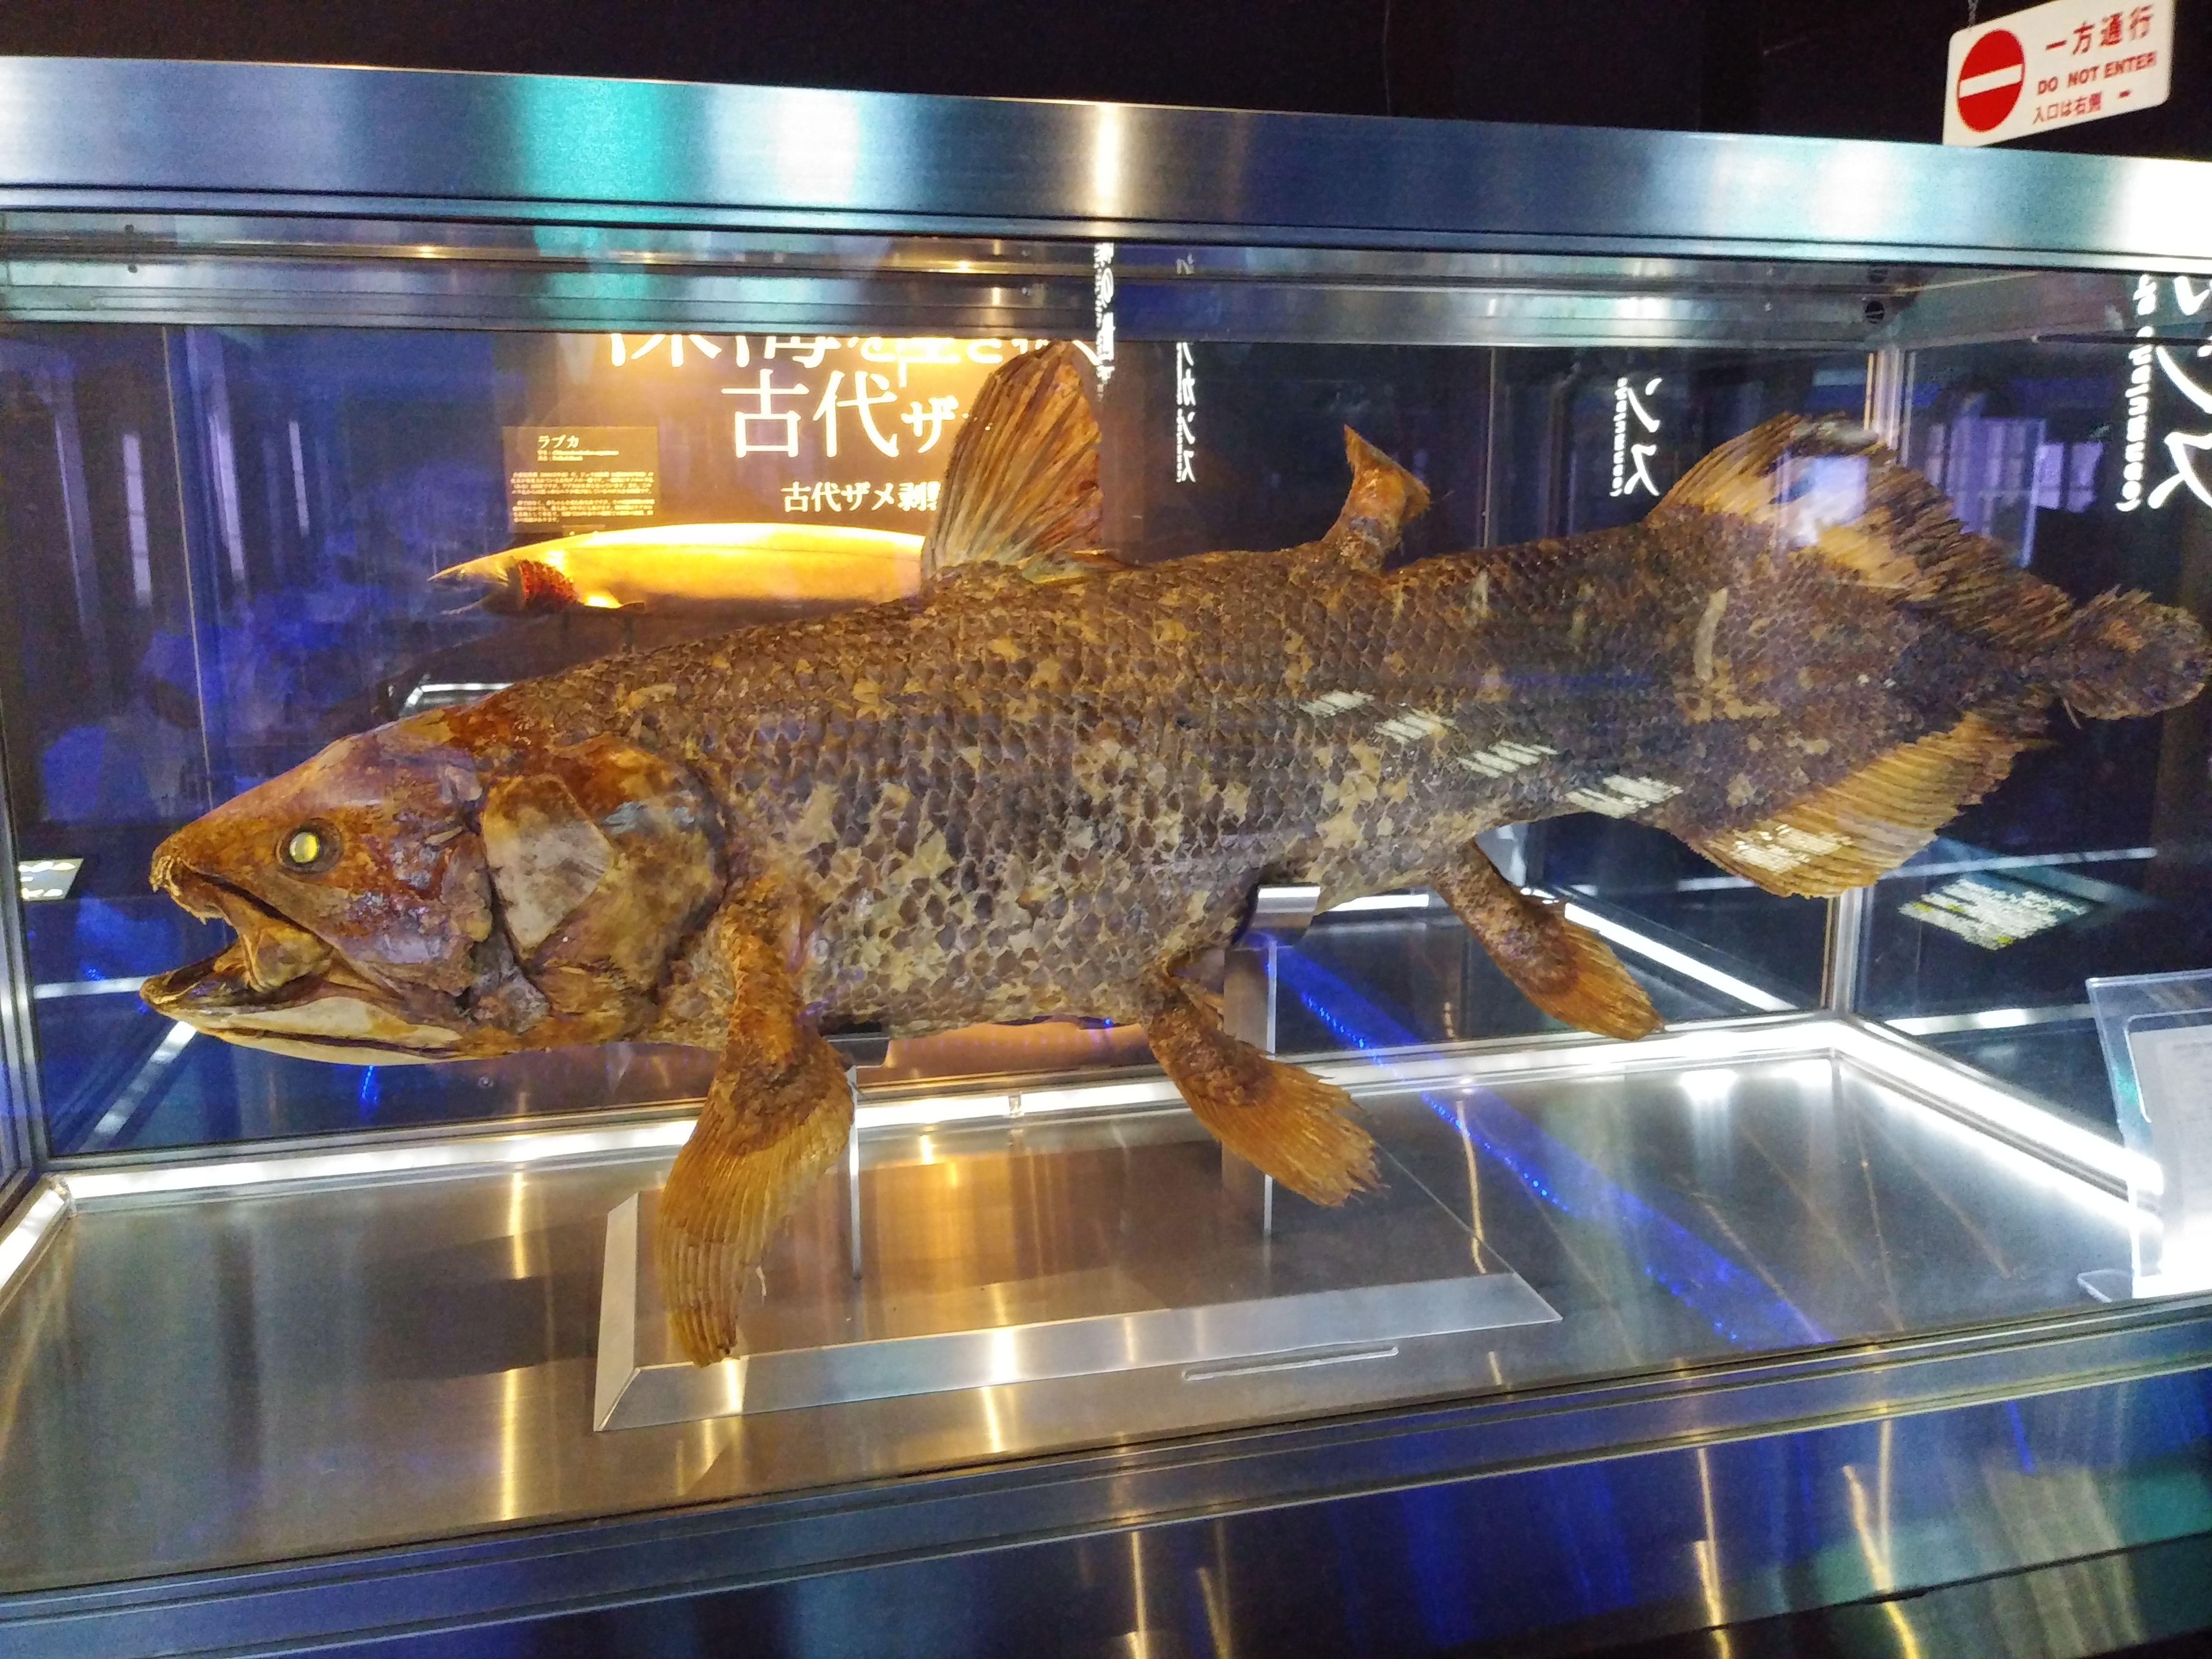 沼津港深海水族館 シーラカンス剥製 剥製 シーラカンス 生き物